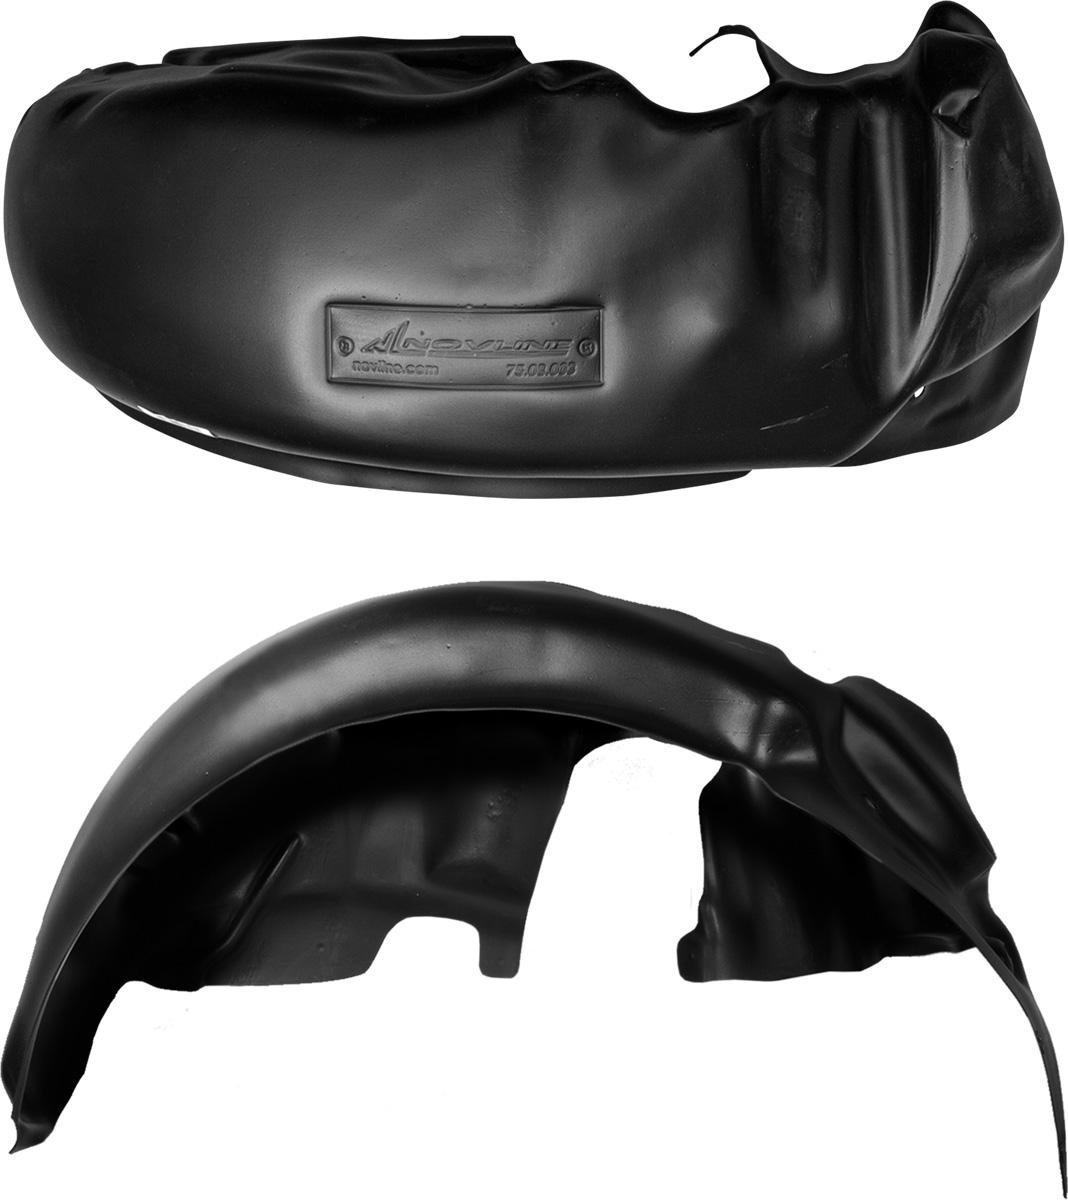 Подкрылок Novline-Autofamily, для Renault Sandero, 2010-07/2013, задний правыйNLL.41.18.004Колесные ниши - одни из самых уязвимых зон днища вашего автомобиля. Они постоянно подвергаются воздействию со стороны дороги. Лучшая, почти абсолютная защита для них - специально отформованные пластиковые кожухи, которые называются подкрылками. Производятся они как для отечественных моделей автомобилей, так и для иномарок. Подкрылки Novline-Autofamily выполнены из высококачественного, экологически чистого пластика. Обеспечивают надежную защиту кузова автомобиля от пескоструйного эффекта и негативного влияния, агрессивных антигололедных реагентов. Пластик обладает более низкой теплопроводностью, чем металл, поэтому в зимний период эксплуатации использование пластиковых подкрылков позволяет лучше защитить колесные ниши от налипания снега и образования наледи. Оригинальность конструкции подчеркивает элегантность автомобиля, бережно защищает нанесенное на днище кузова антикоррозийное покрытие и позволяет осуществить крепление подкрылков внутри колесной арки практически без дополнительного крепежа и сверления, не нарушая при этом лакокрасочного покрытия, что предотвращает возникновение новых очагов коррозии. Подкрылки долговечны, обладают высокой прочностью и сохраняют заданную форму, а также все свои физико-механические характеристики в самых тяжелых климатических условиях (от -50°С до +50°С).Уважаемые клиенты!Обращаем ваше внимание, на тот факт, что подкрылок имеет форму, соответствующую модели данного автомобиля. Фото служит для визуального восприятия товара.